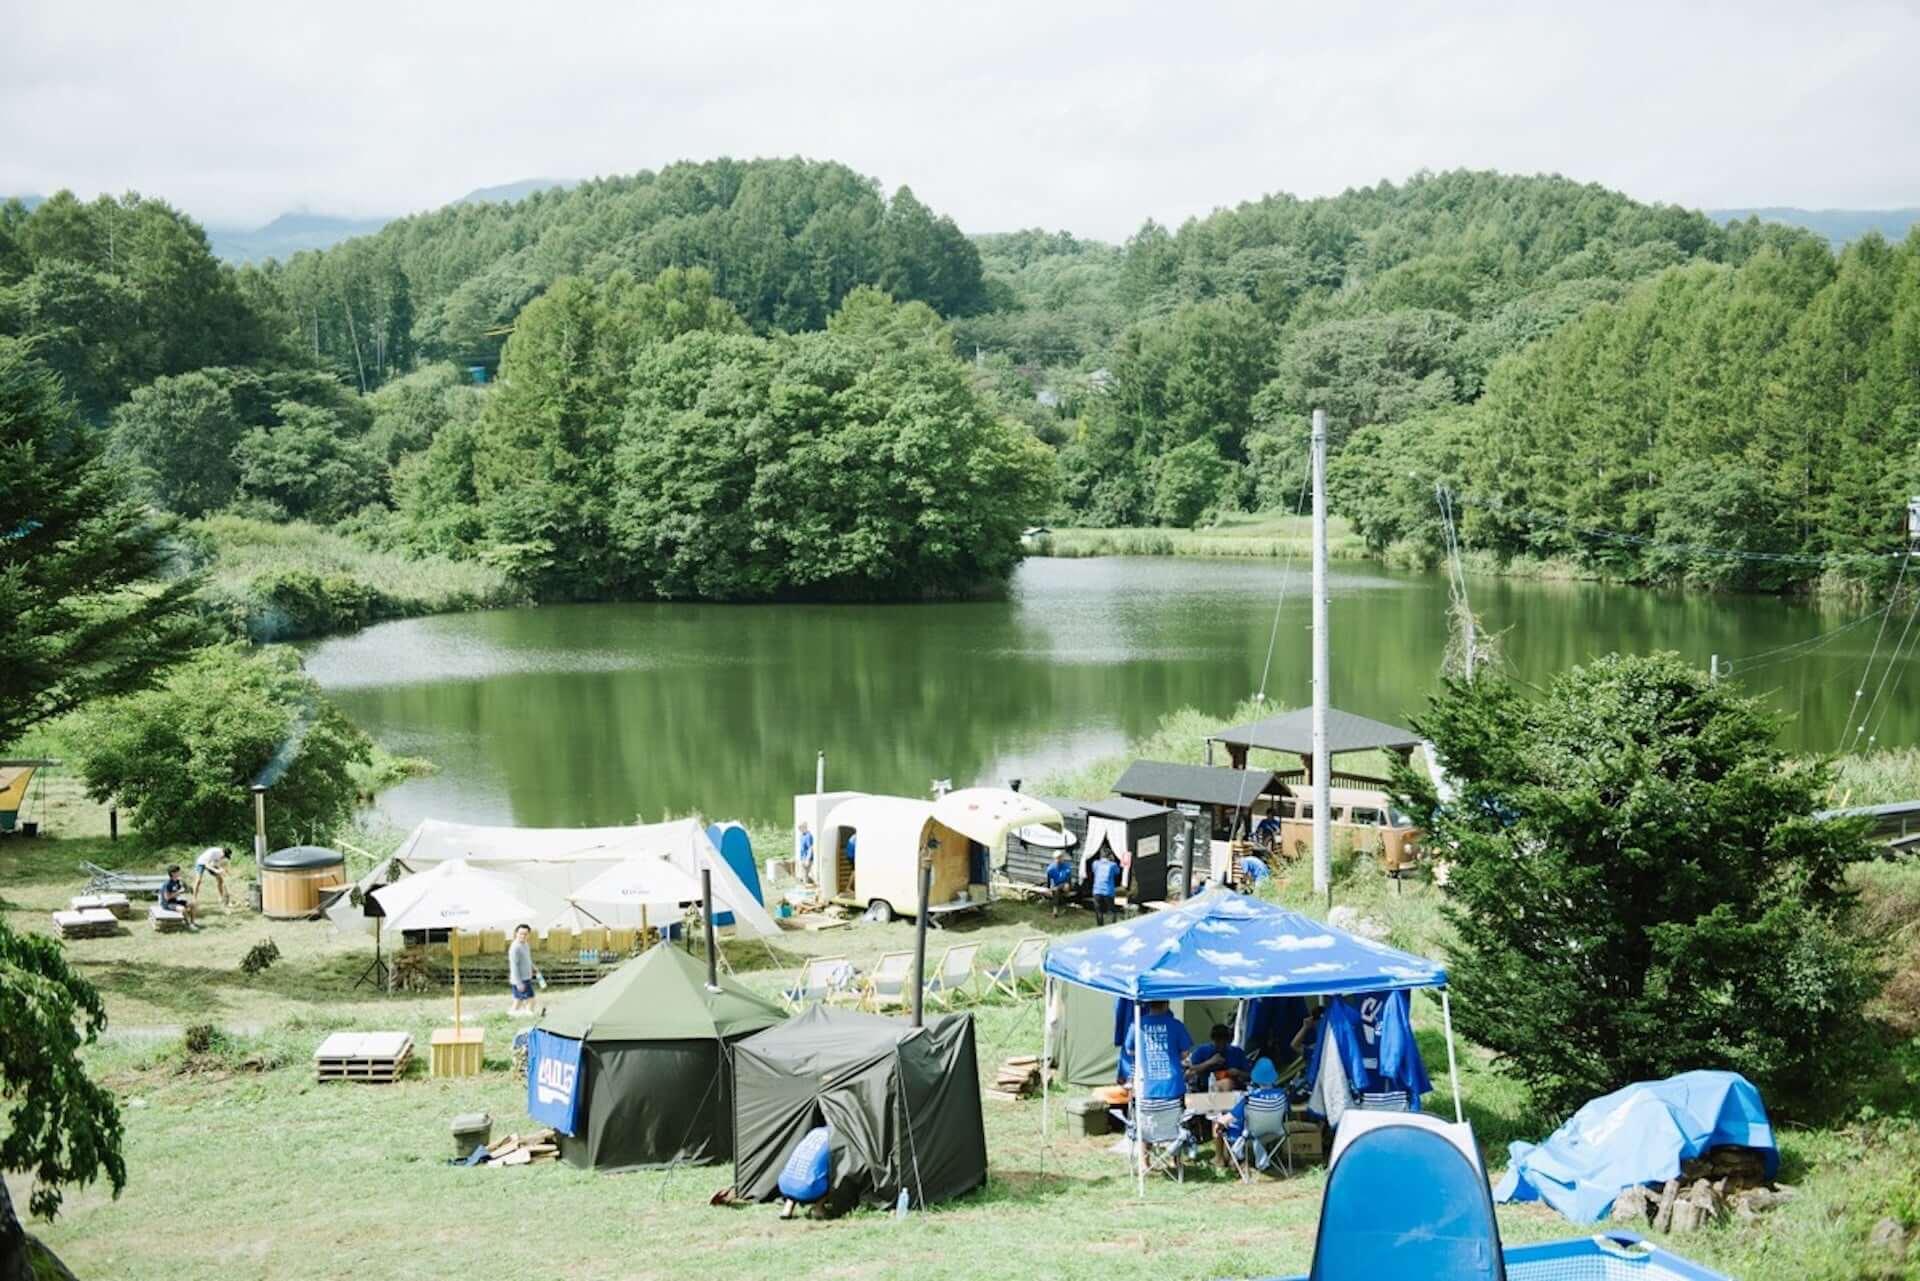 """""""本物のサウナ""""を楽しもう!日本最大級のサウナイベント<SAUNA FES JAPAN>が過去最大規模で開催決定 life200306_sauna_7-1920x1281"""